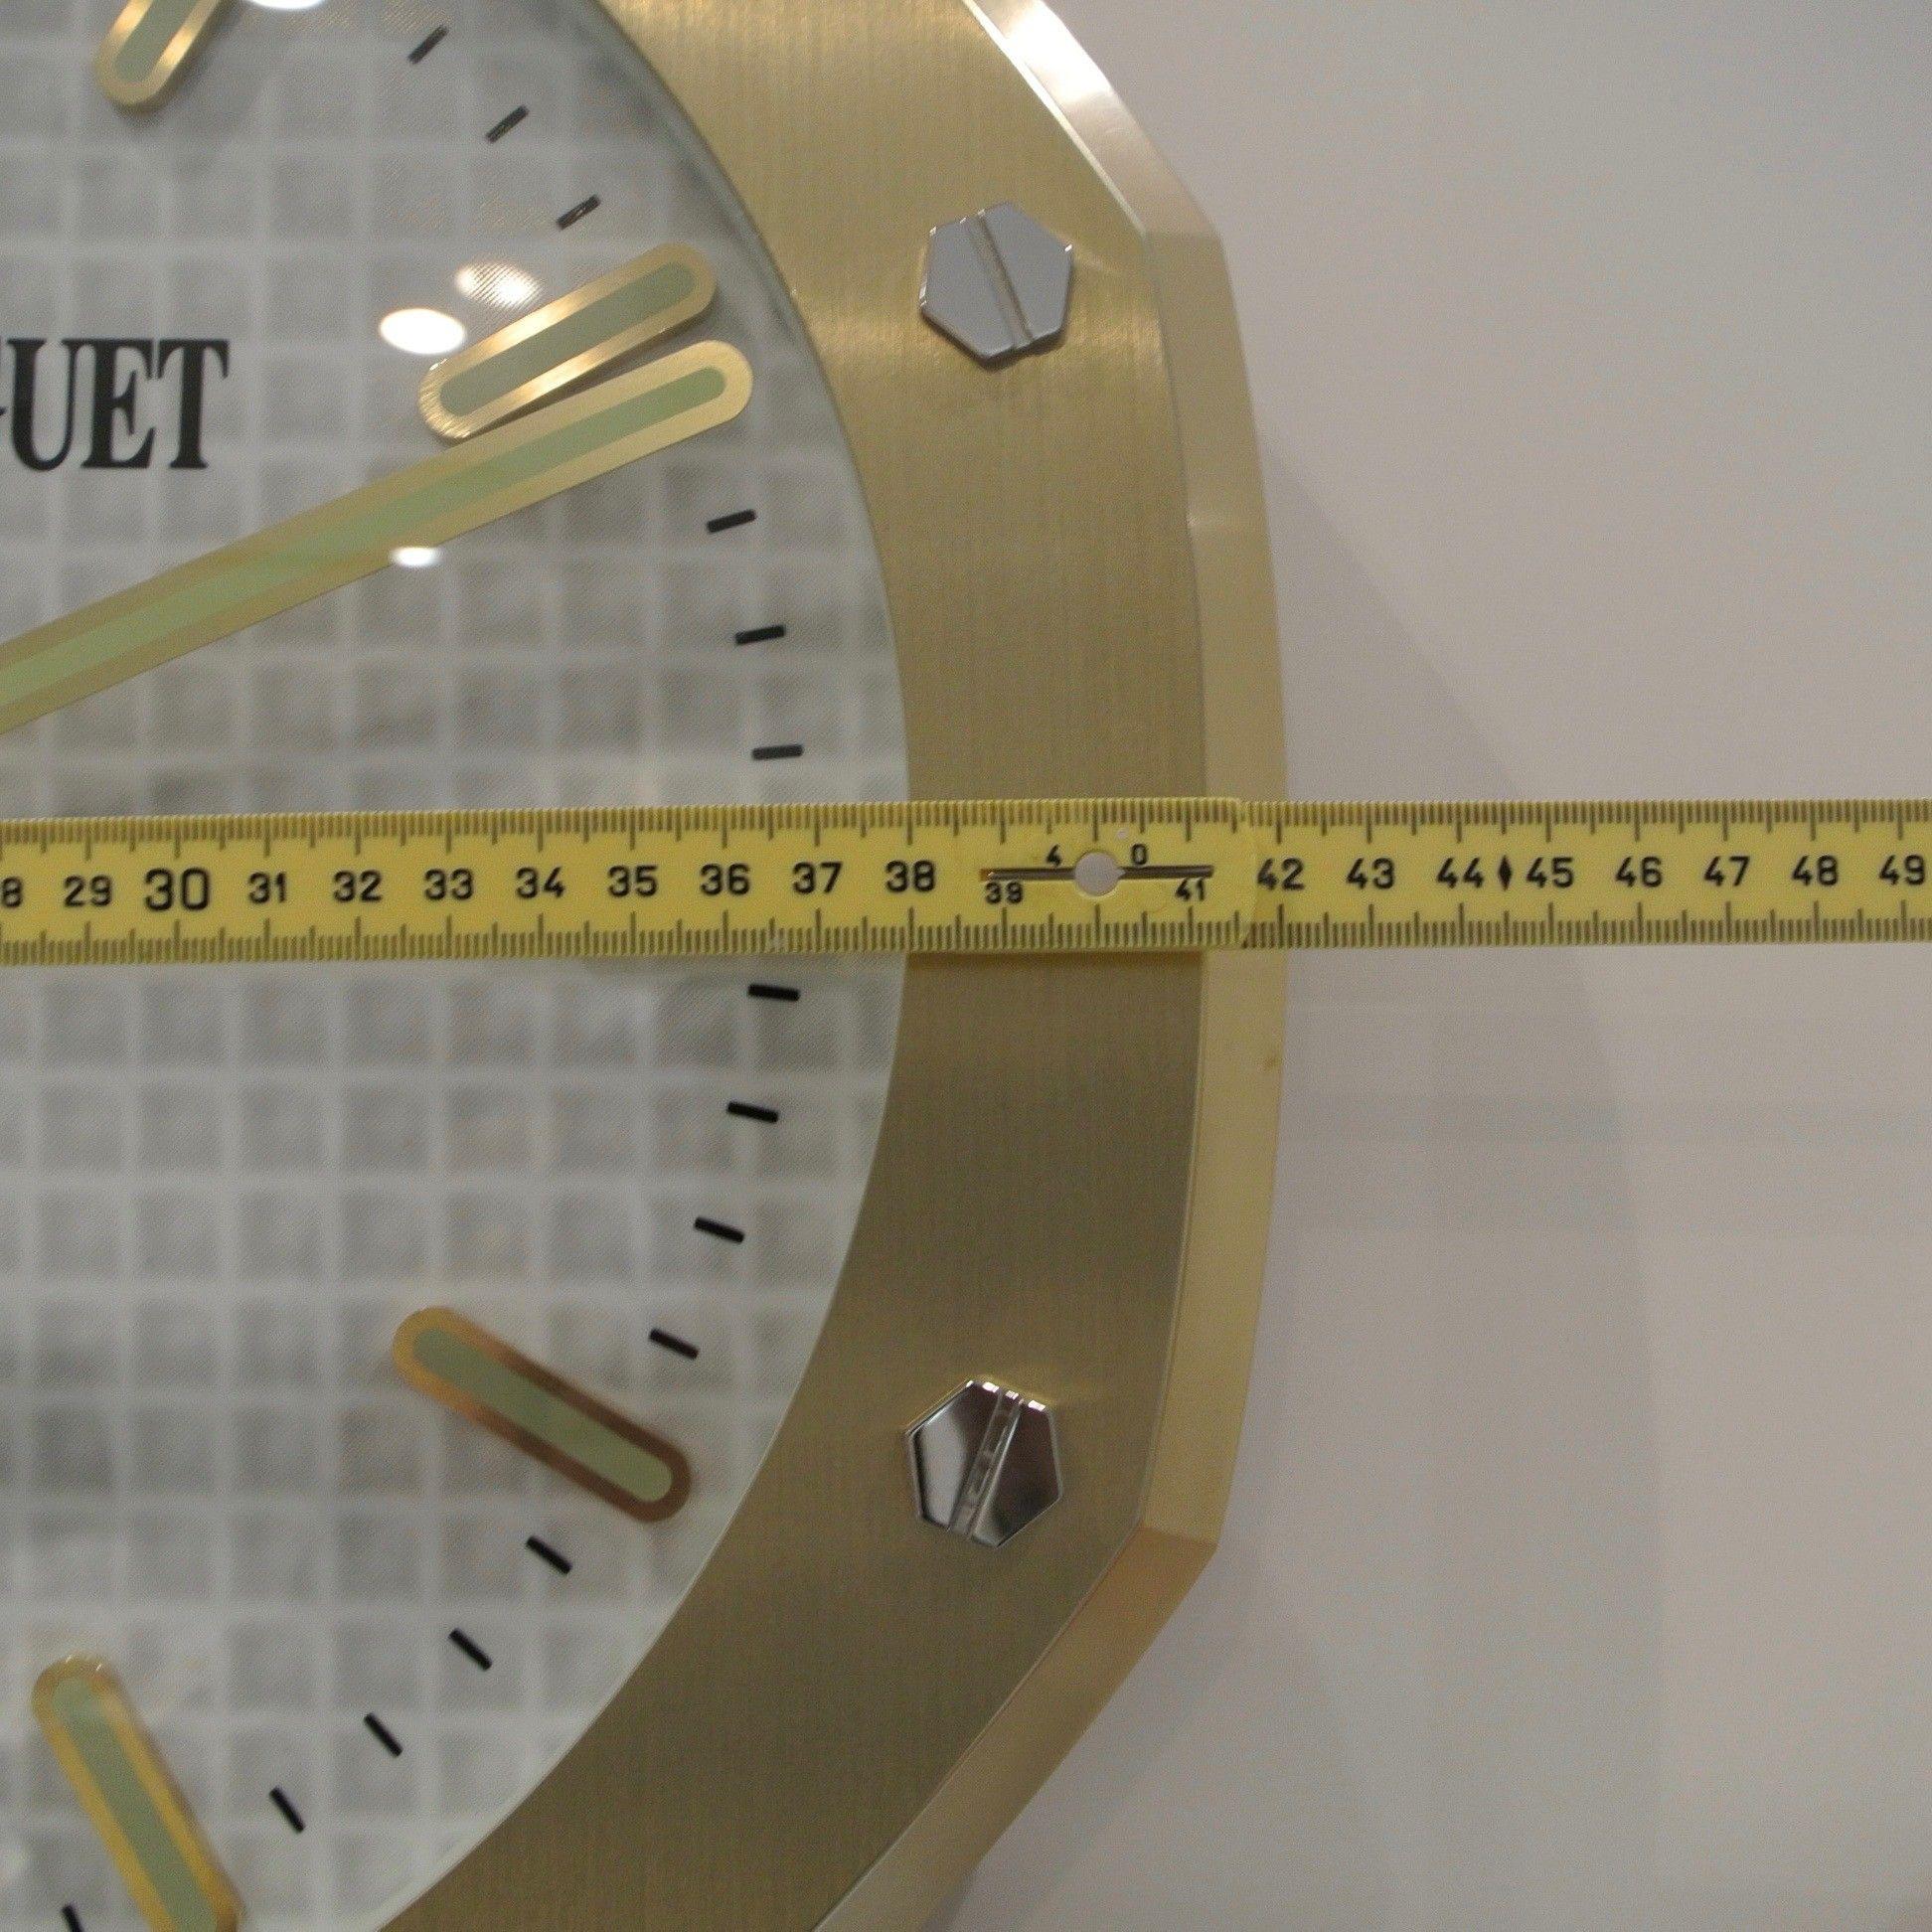 Audemars Piguet Original Wall Clock Big Model Type Plated Yellow Gold